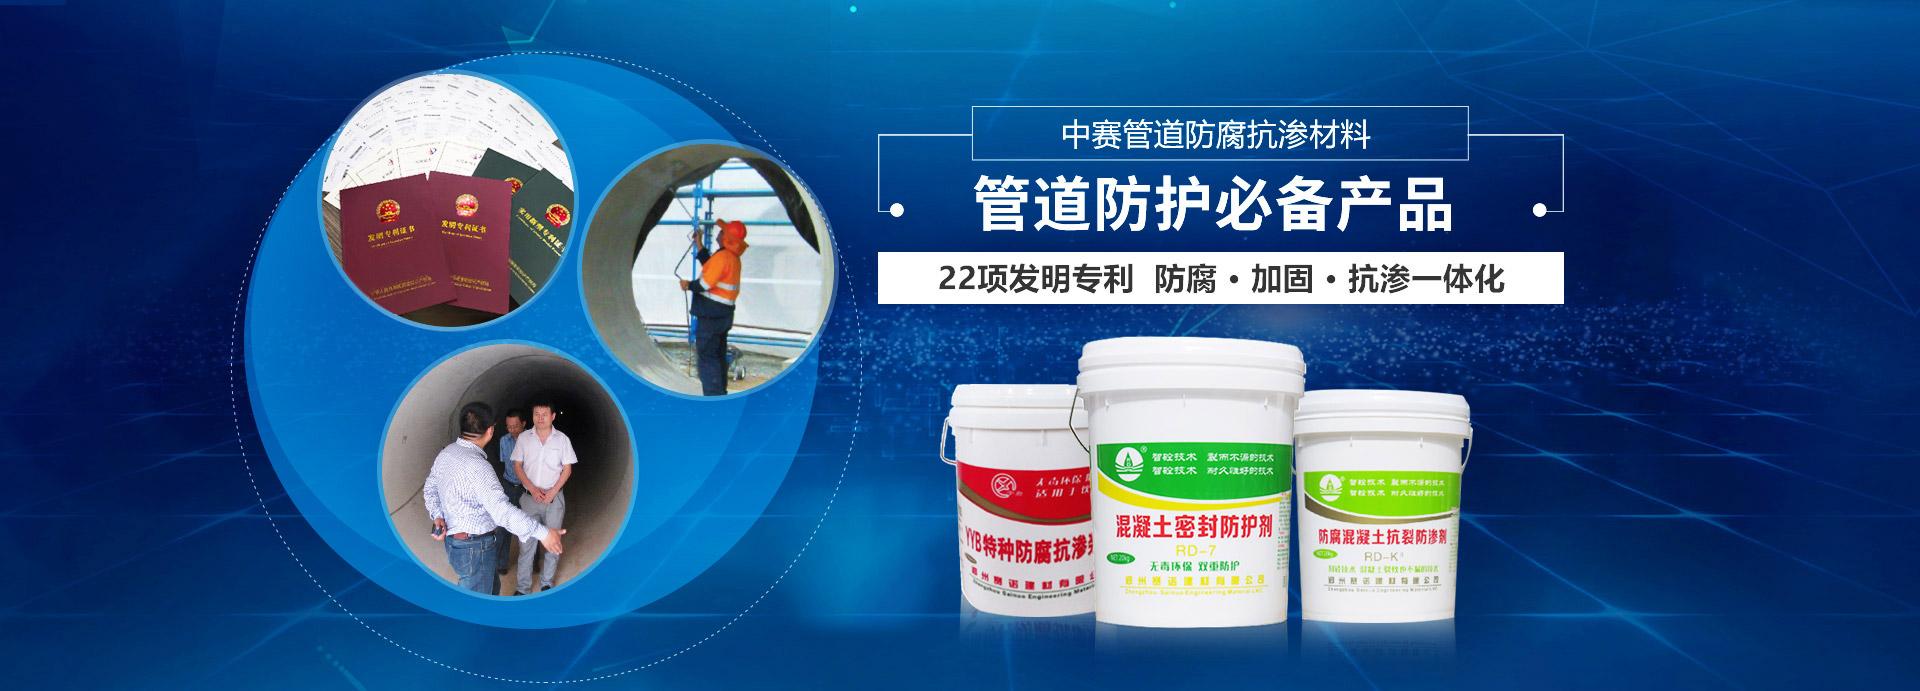 中赛管道防腐抗渗材料,管道防护必备产品